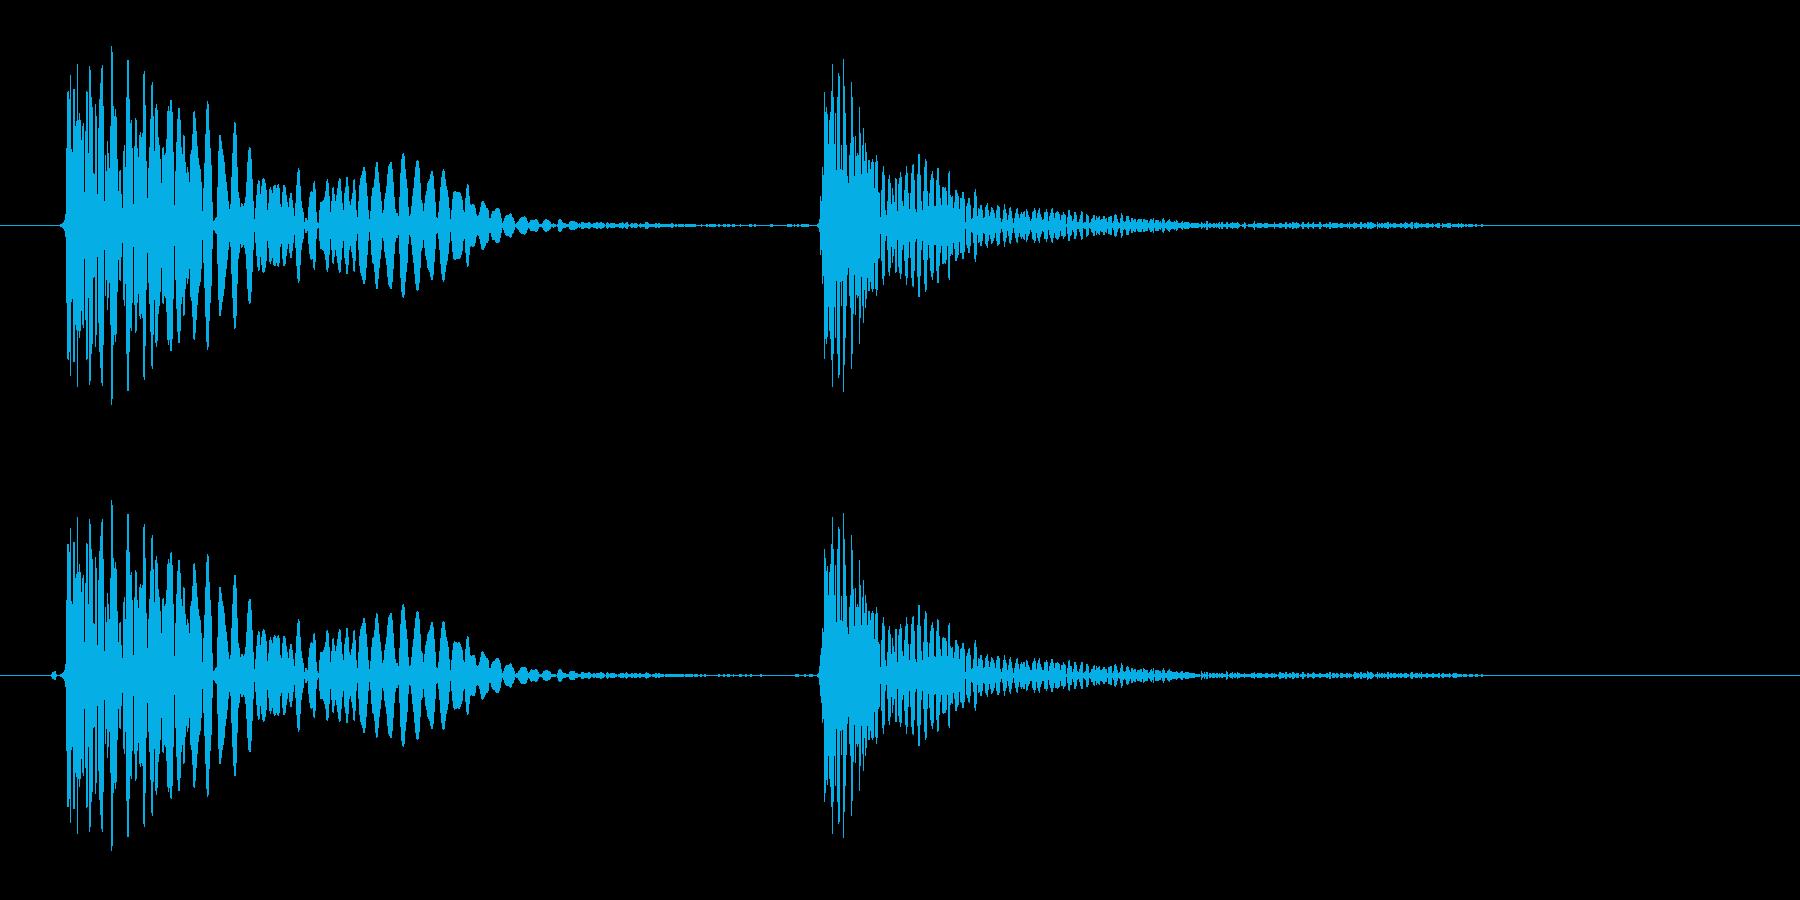 トテ(こける、転倒をイメージする音)の再生済みの波形